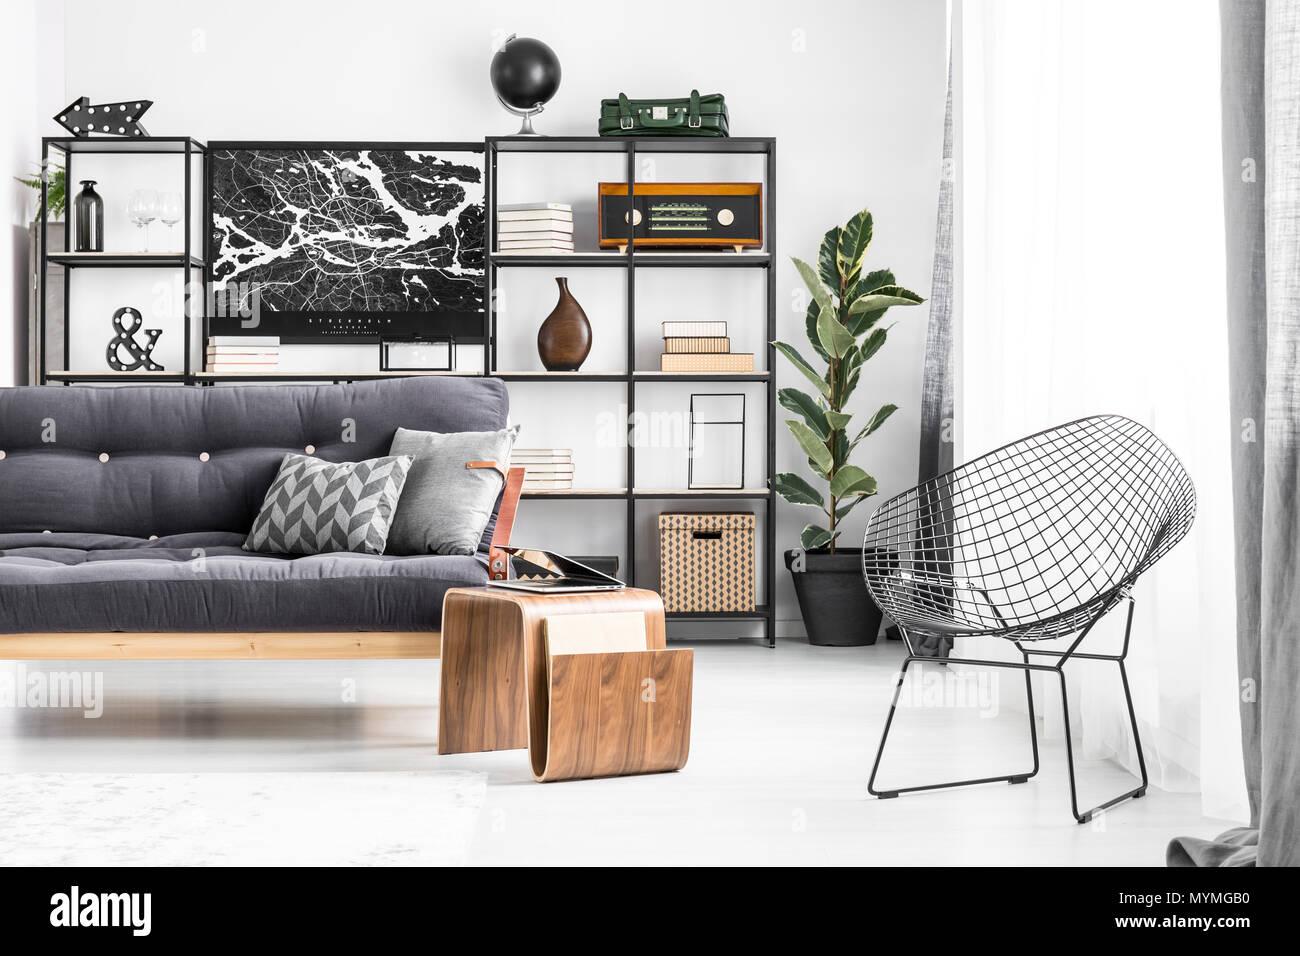 Metall Stuhl Am Tisch Und Sofa Mit Kissen Grau Im Wohnzimmer Einrichtung  Mit Dunklen Poster Und Regale